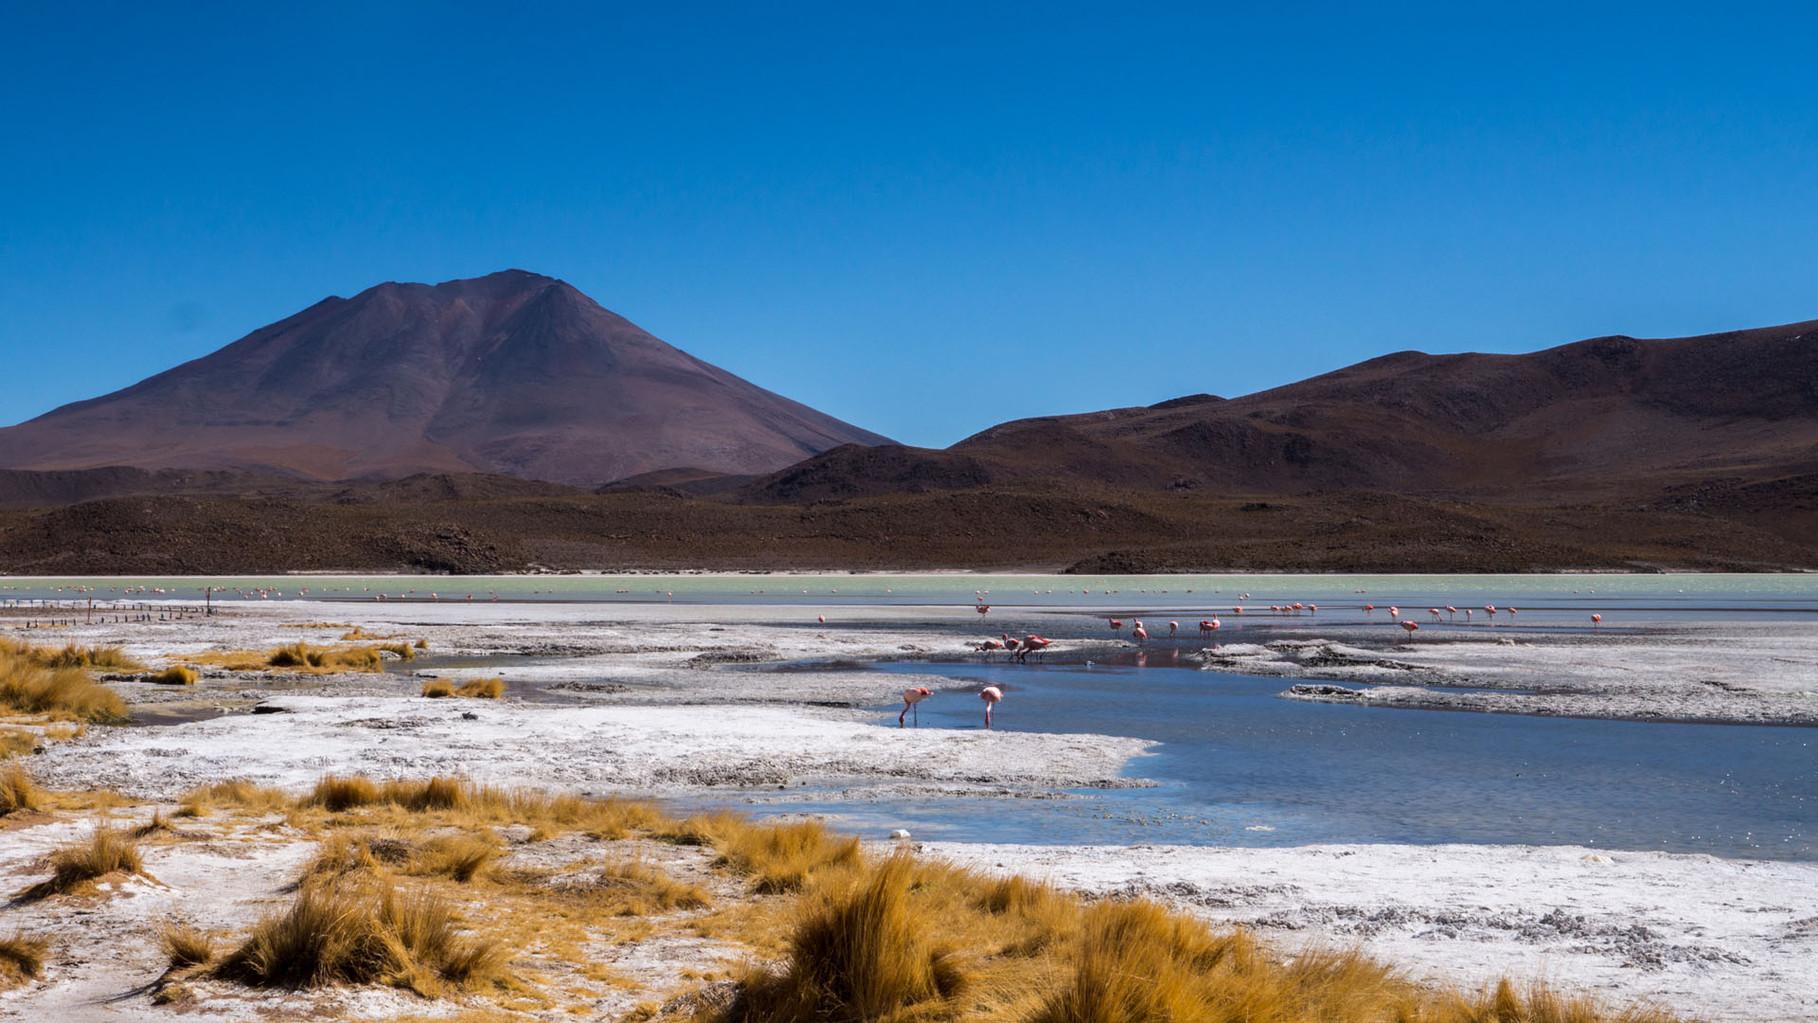 Laguna Hedionda with hundreds of Flamingos